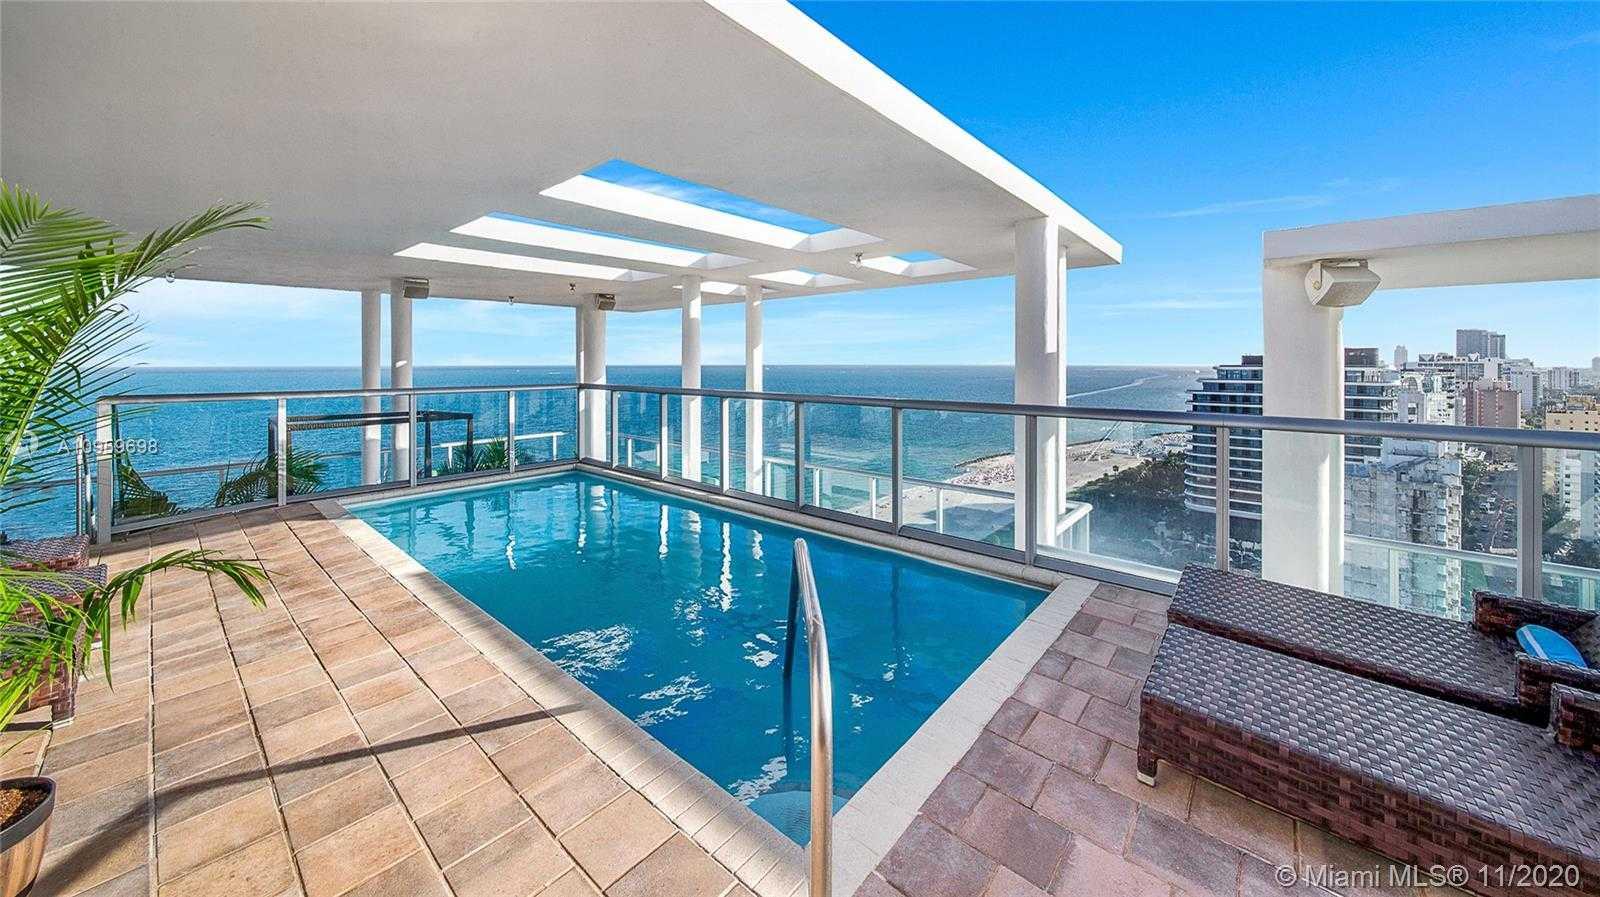 $14,900,000 - 4Br/5Ba -  for Sale in The Caribbean Condo, Miami Beach